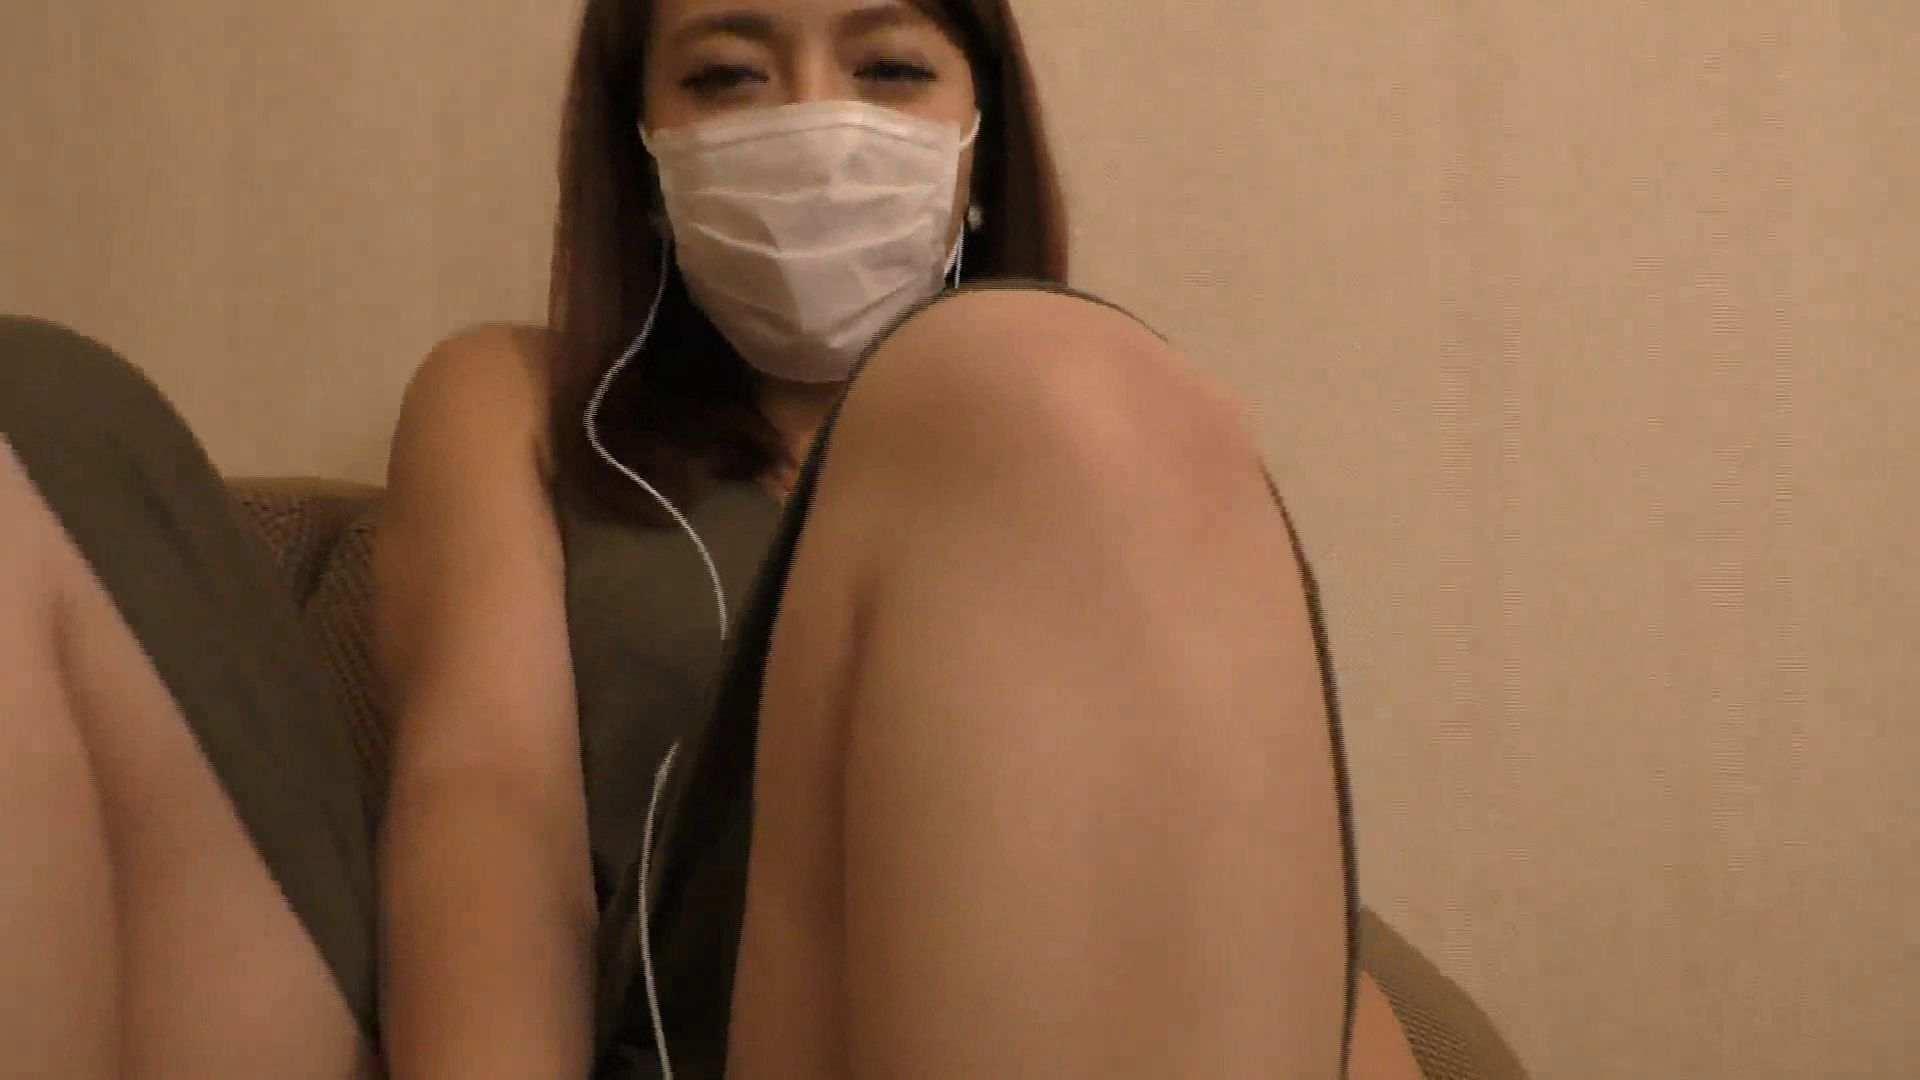 S級厳選美女ビッチガールVol.19 モデル流出動画   すけべな美女  86画像 25